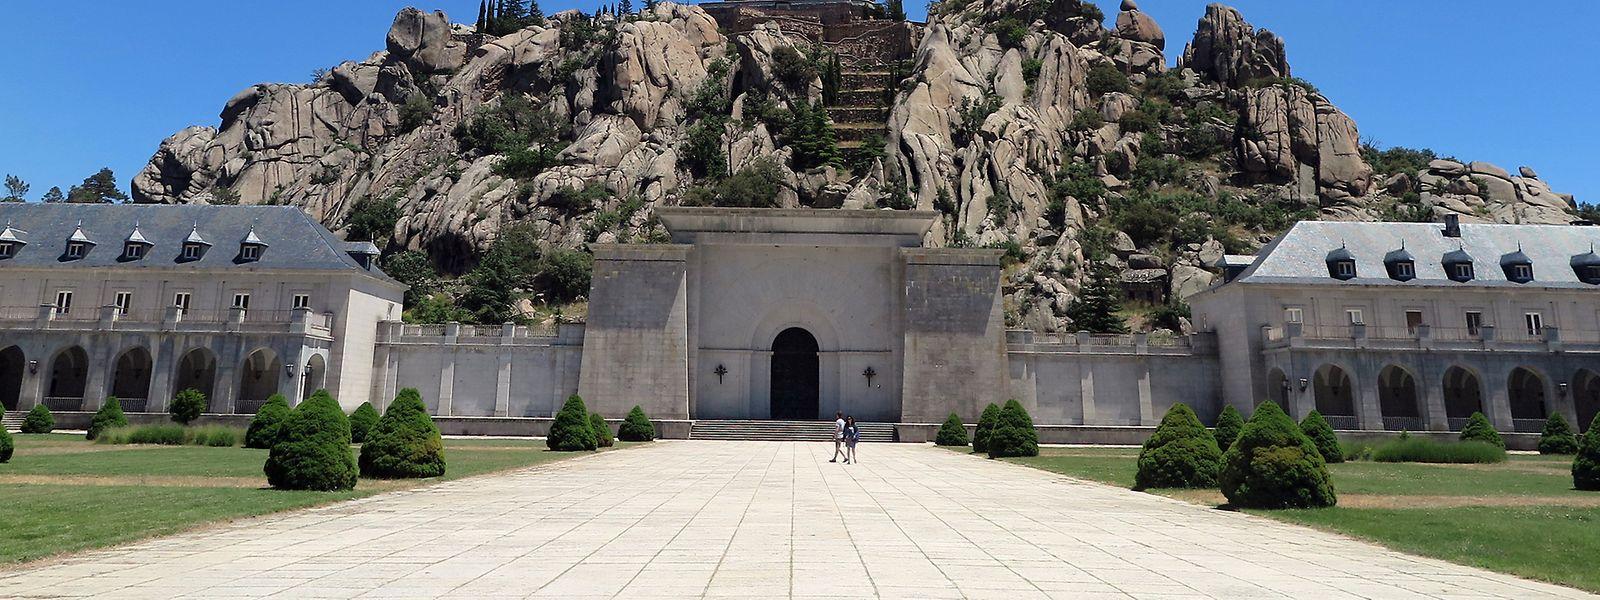 Im Valle de los Caidos (Tal der Gefallenen) befinden sich die Grabstätten des Diktators Francisco Franco.